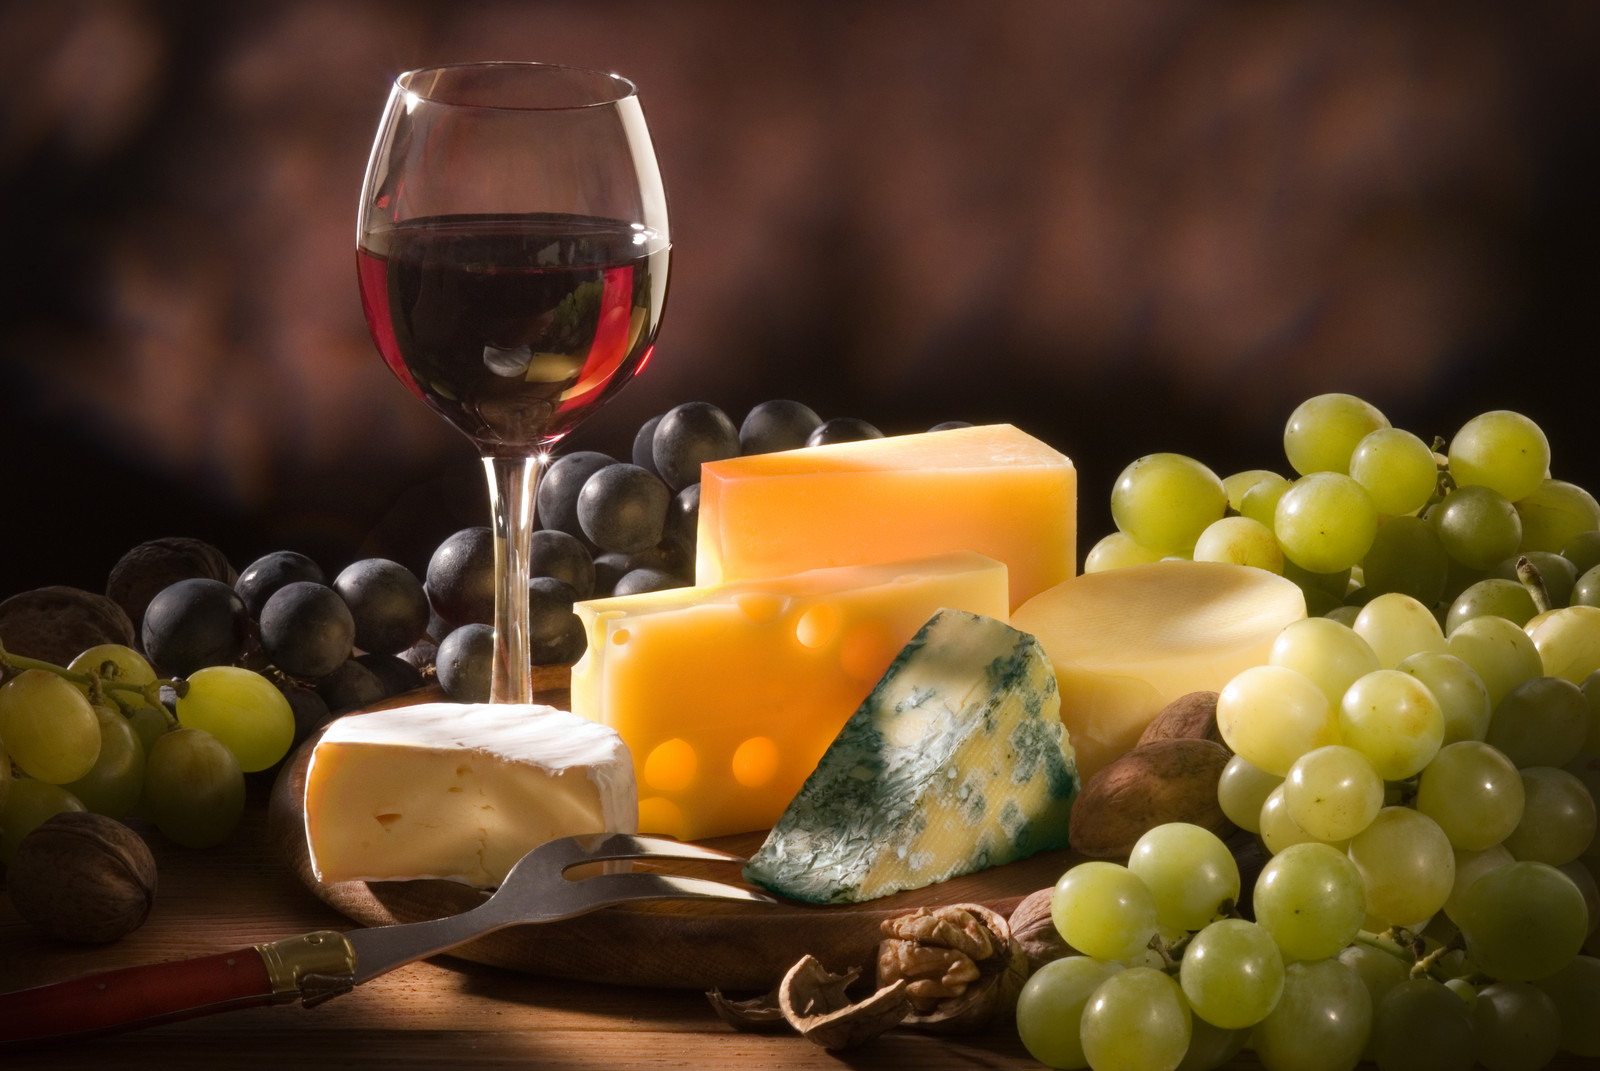 winecheese.jpg